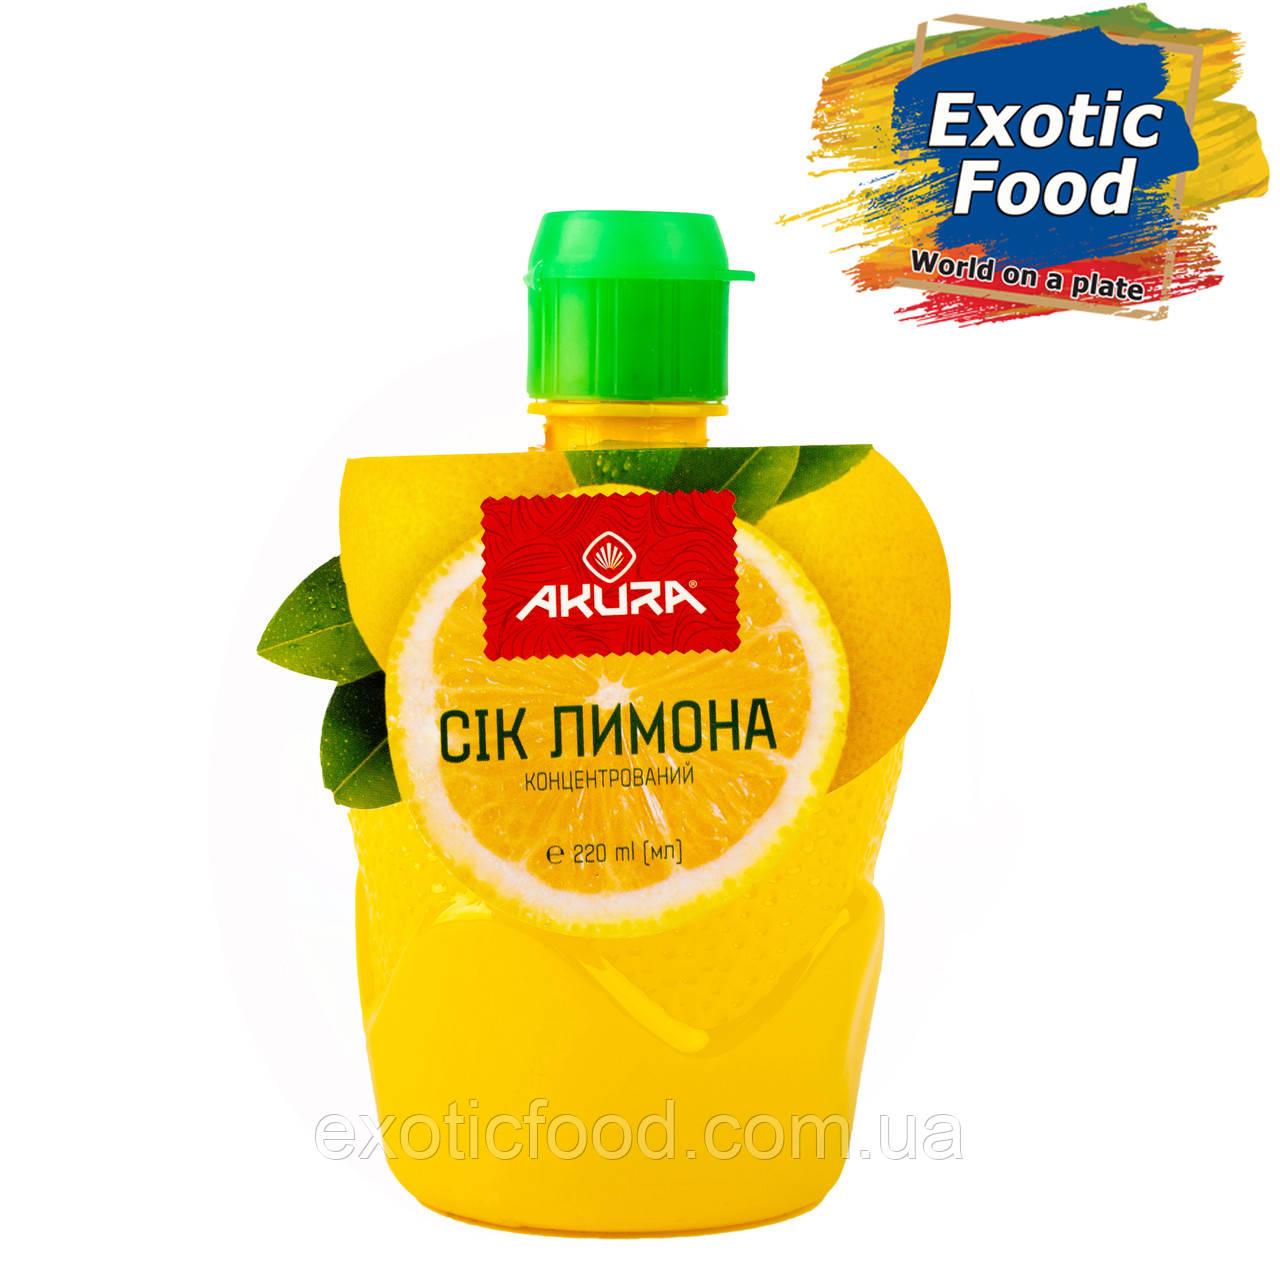 """Сік лимона концентрований  ТМ """"AKURA"""", 220 мл"""